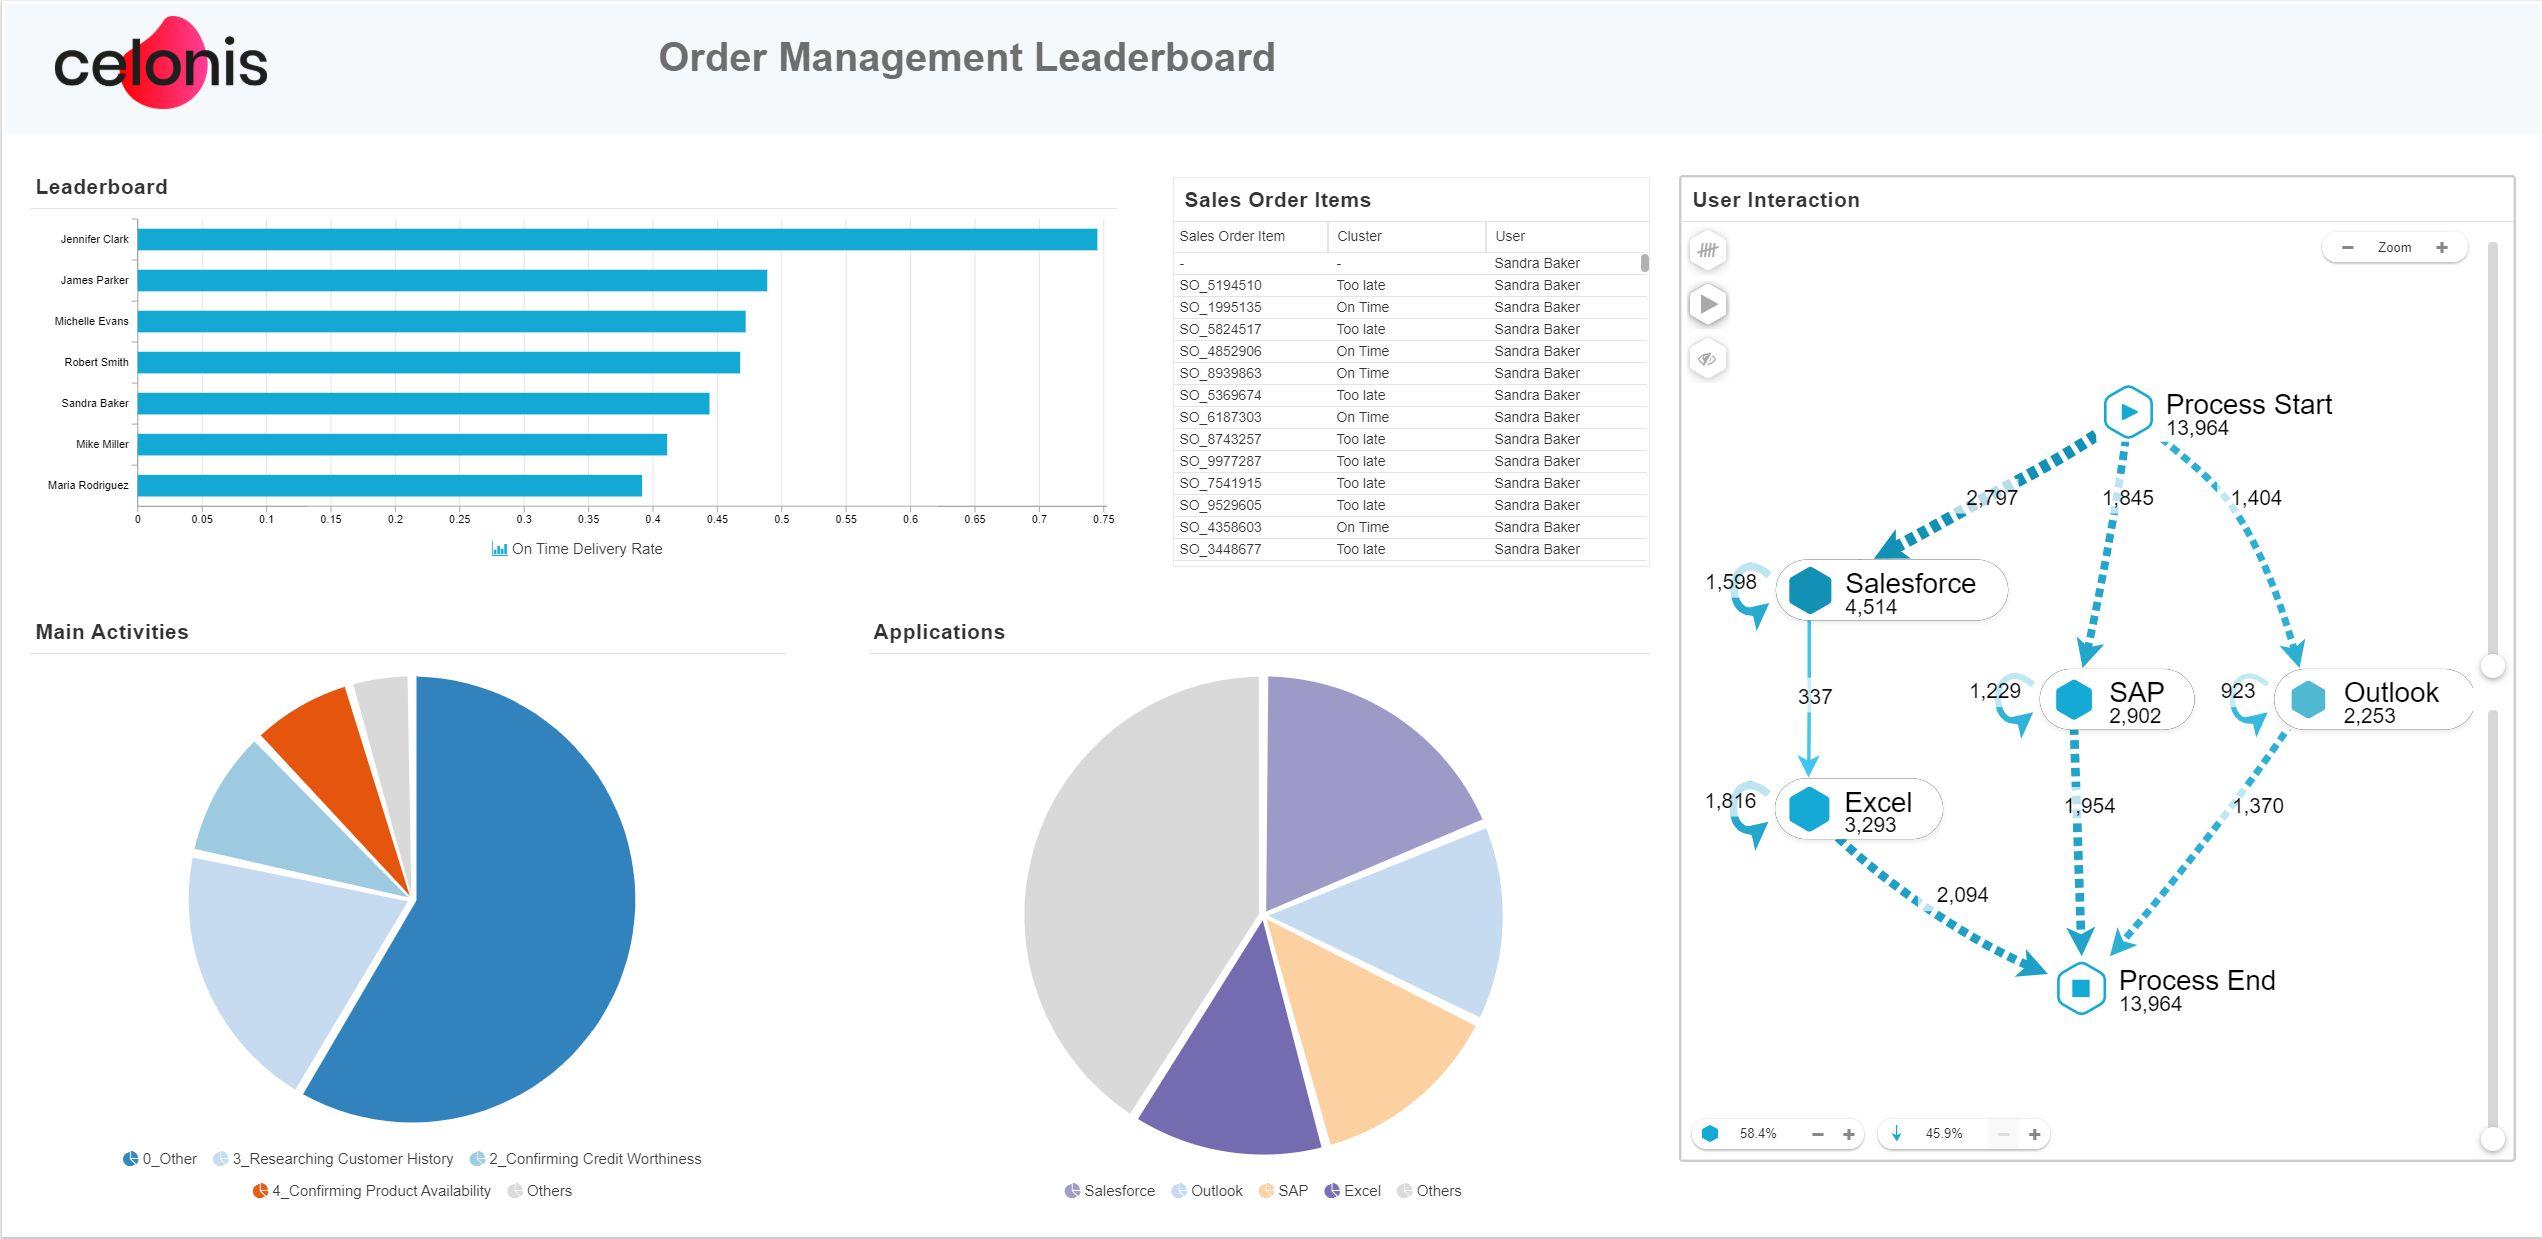 Celonis integriert mit Task Mining Nutzer-Interaktionsdaten in seine Intelligent Business Cloud